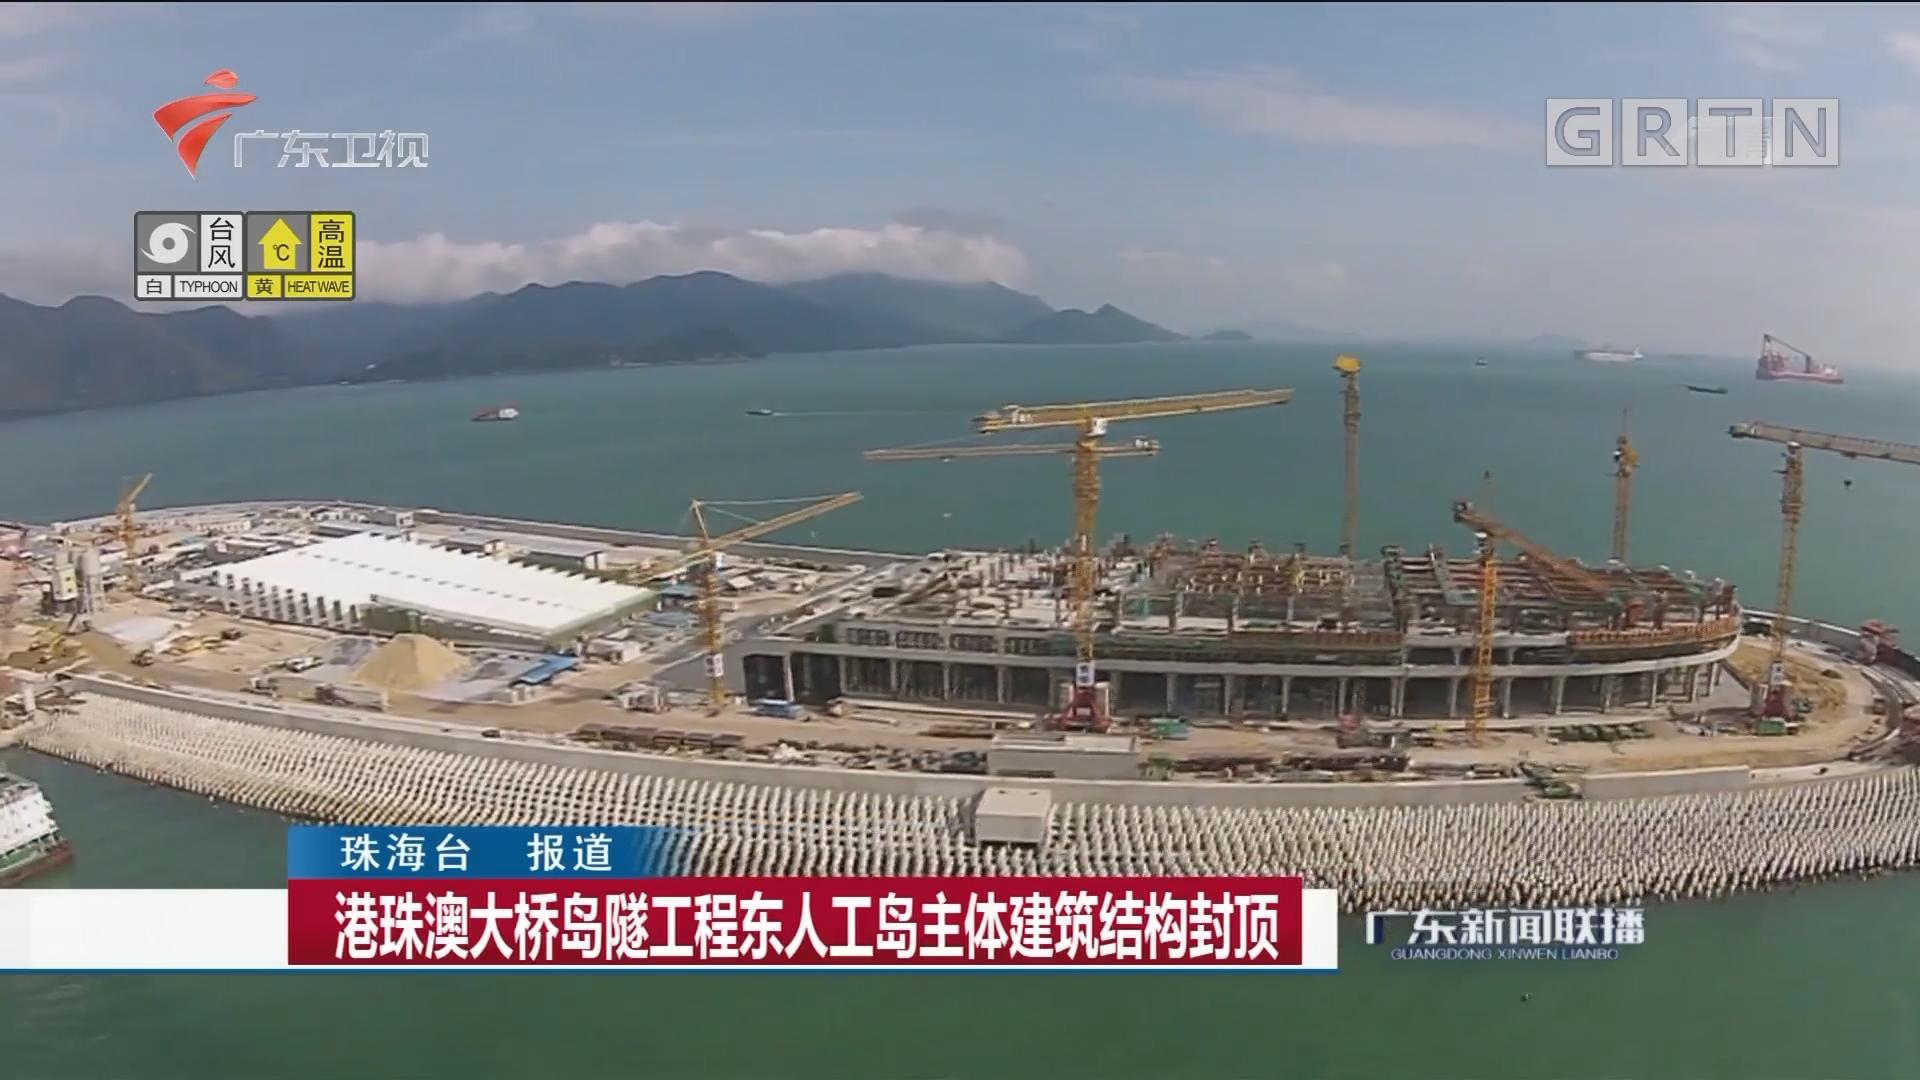 港珠澳大桥岛隧工程东人工岛主体建筑结构封顶